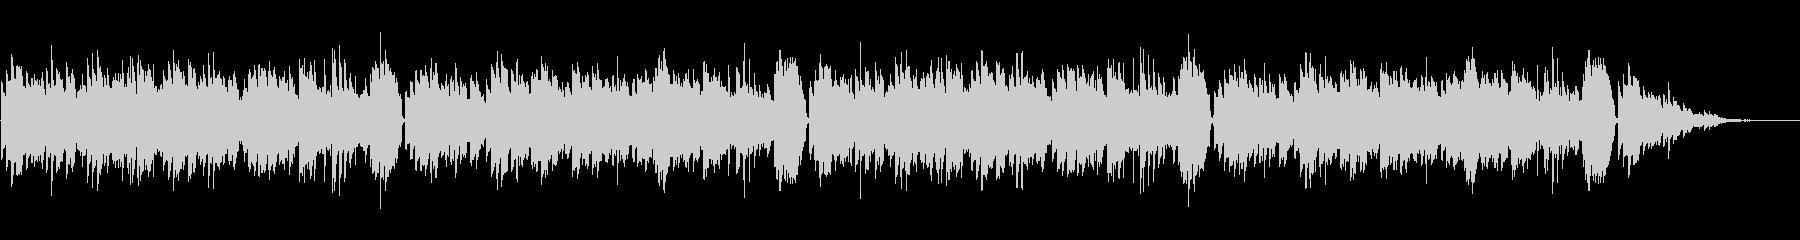 童謡「シャボン玉」シンプルなピアノソロの未再生の波形